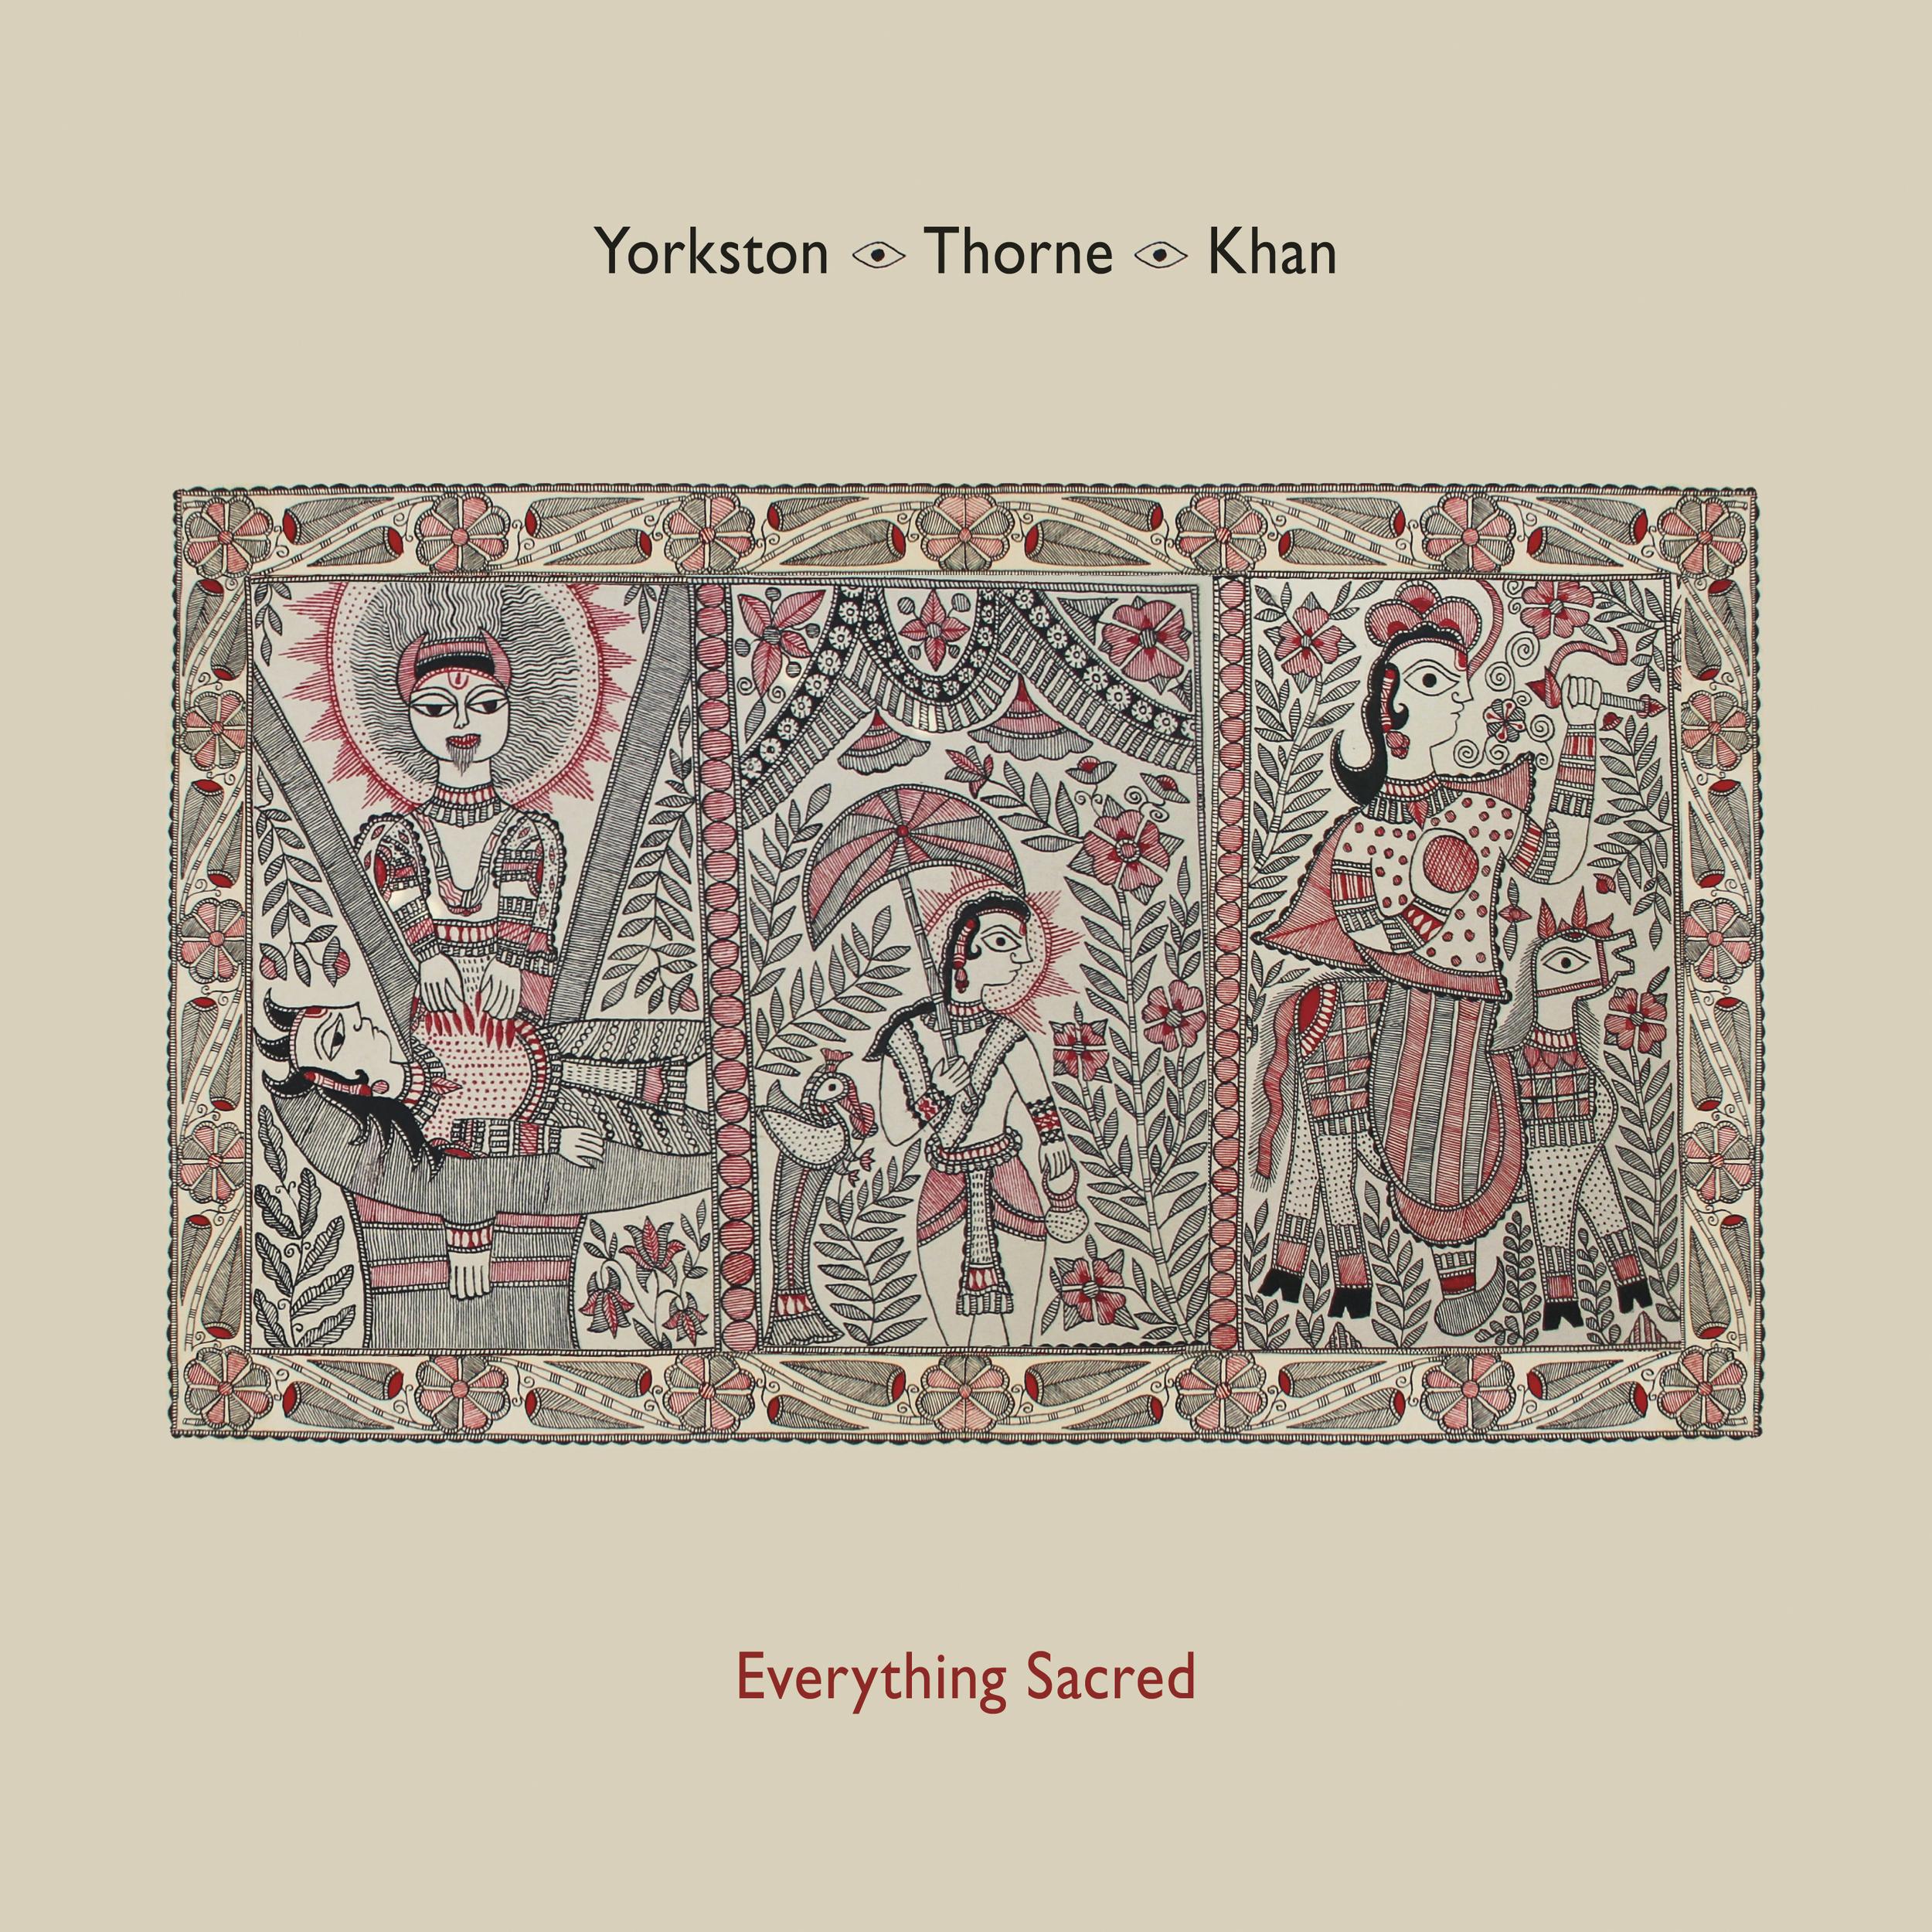 yorkston_thorne_khan_everythingsacred.jpg